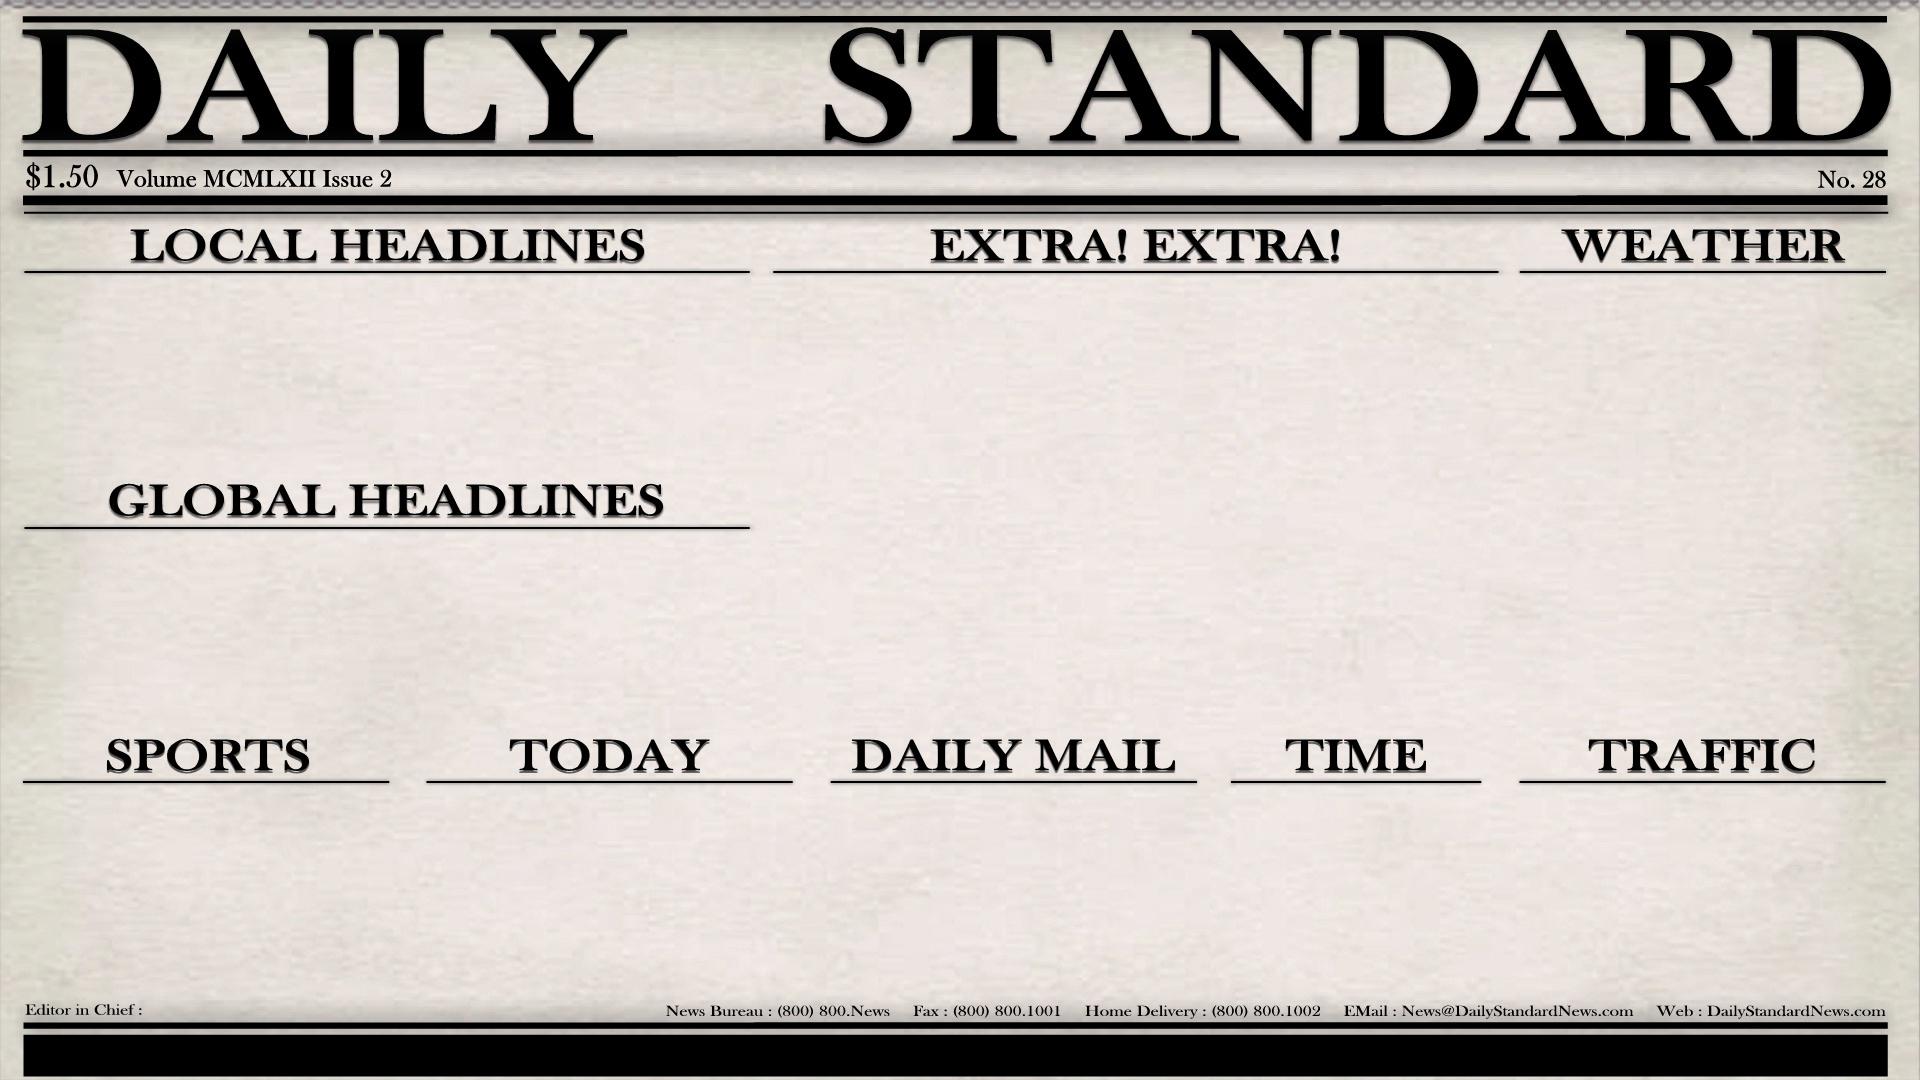 Daily Standard Wallpaper